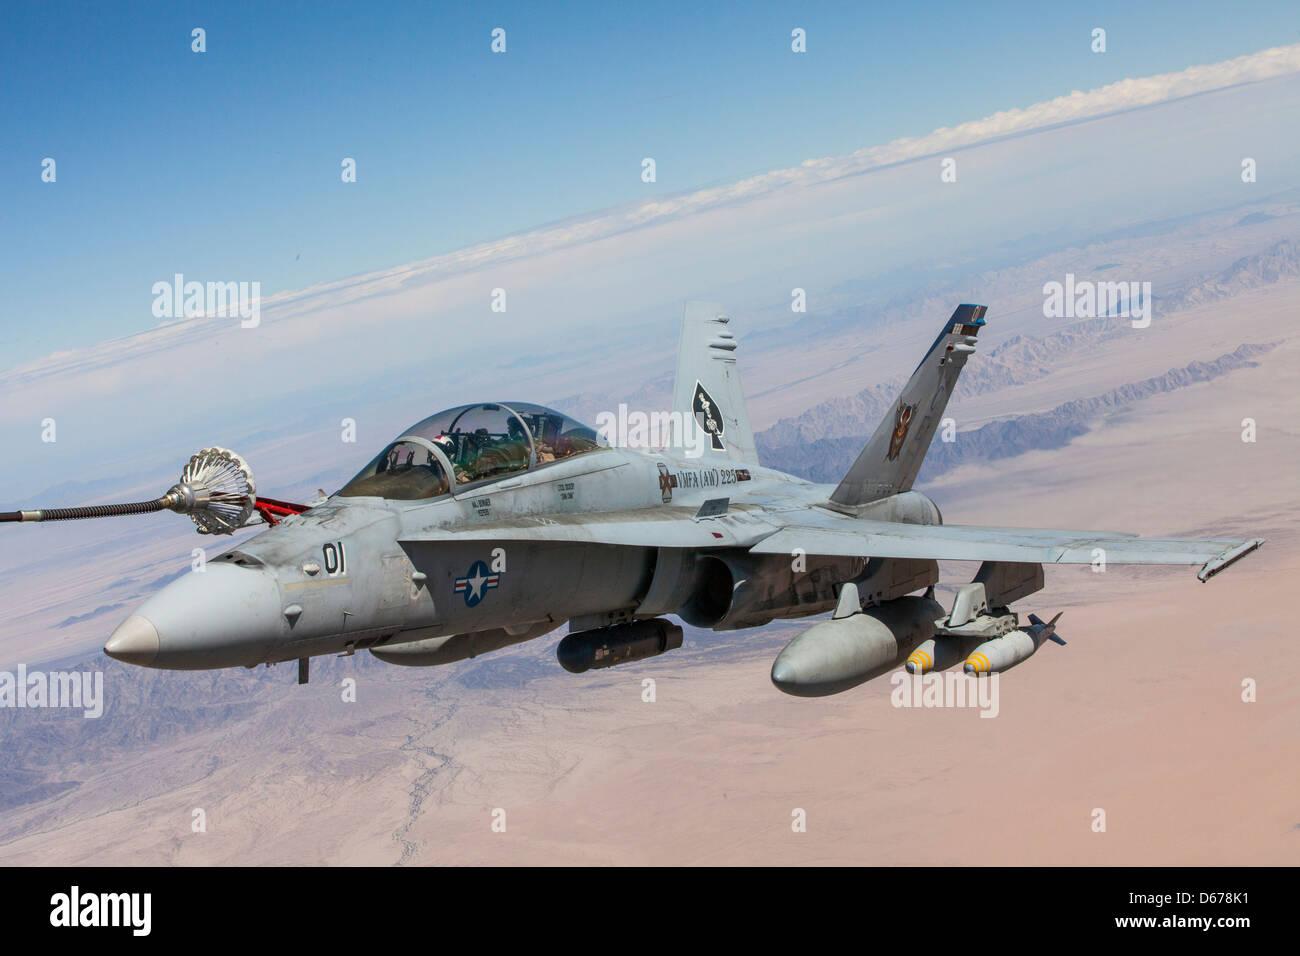 El mayor Eric Geyer, instructor de Hornet F-18 con el Escuadrón 1 de armas y tácticas de Aviación Marina, y el Capitán Kyle Haire, también instructor de Hornet F-18 con MAWTS-1, entrenan en sus aviones durante el curso de instructores de armas y tácticas de primavera organizado por MAWTS-1 en la Estación Aérea del cuerpo de Infantería de Marina Yuma, Arizona, marzo de 30. WTI se aloja dos veces al año, una vez en la primavera y otra en el otoño. Foto de stock